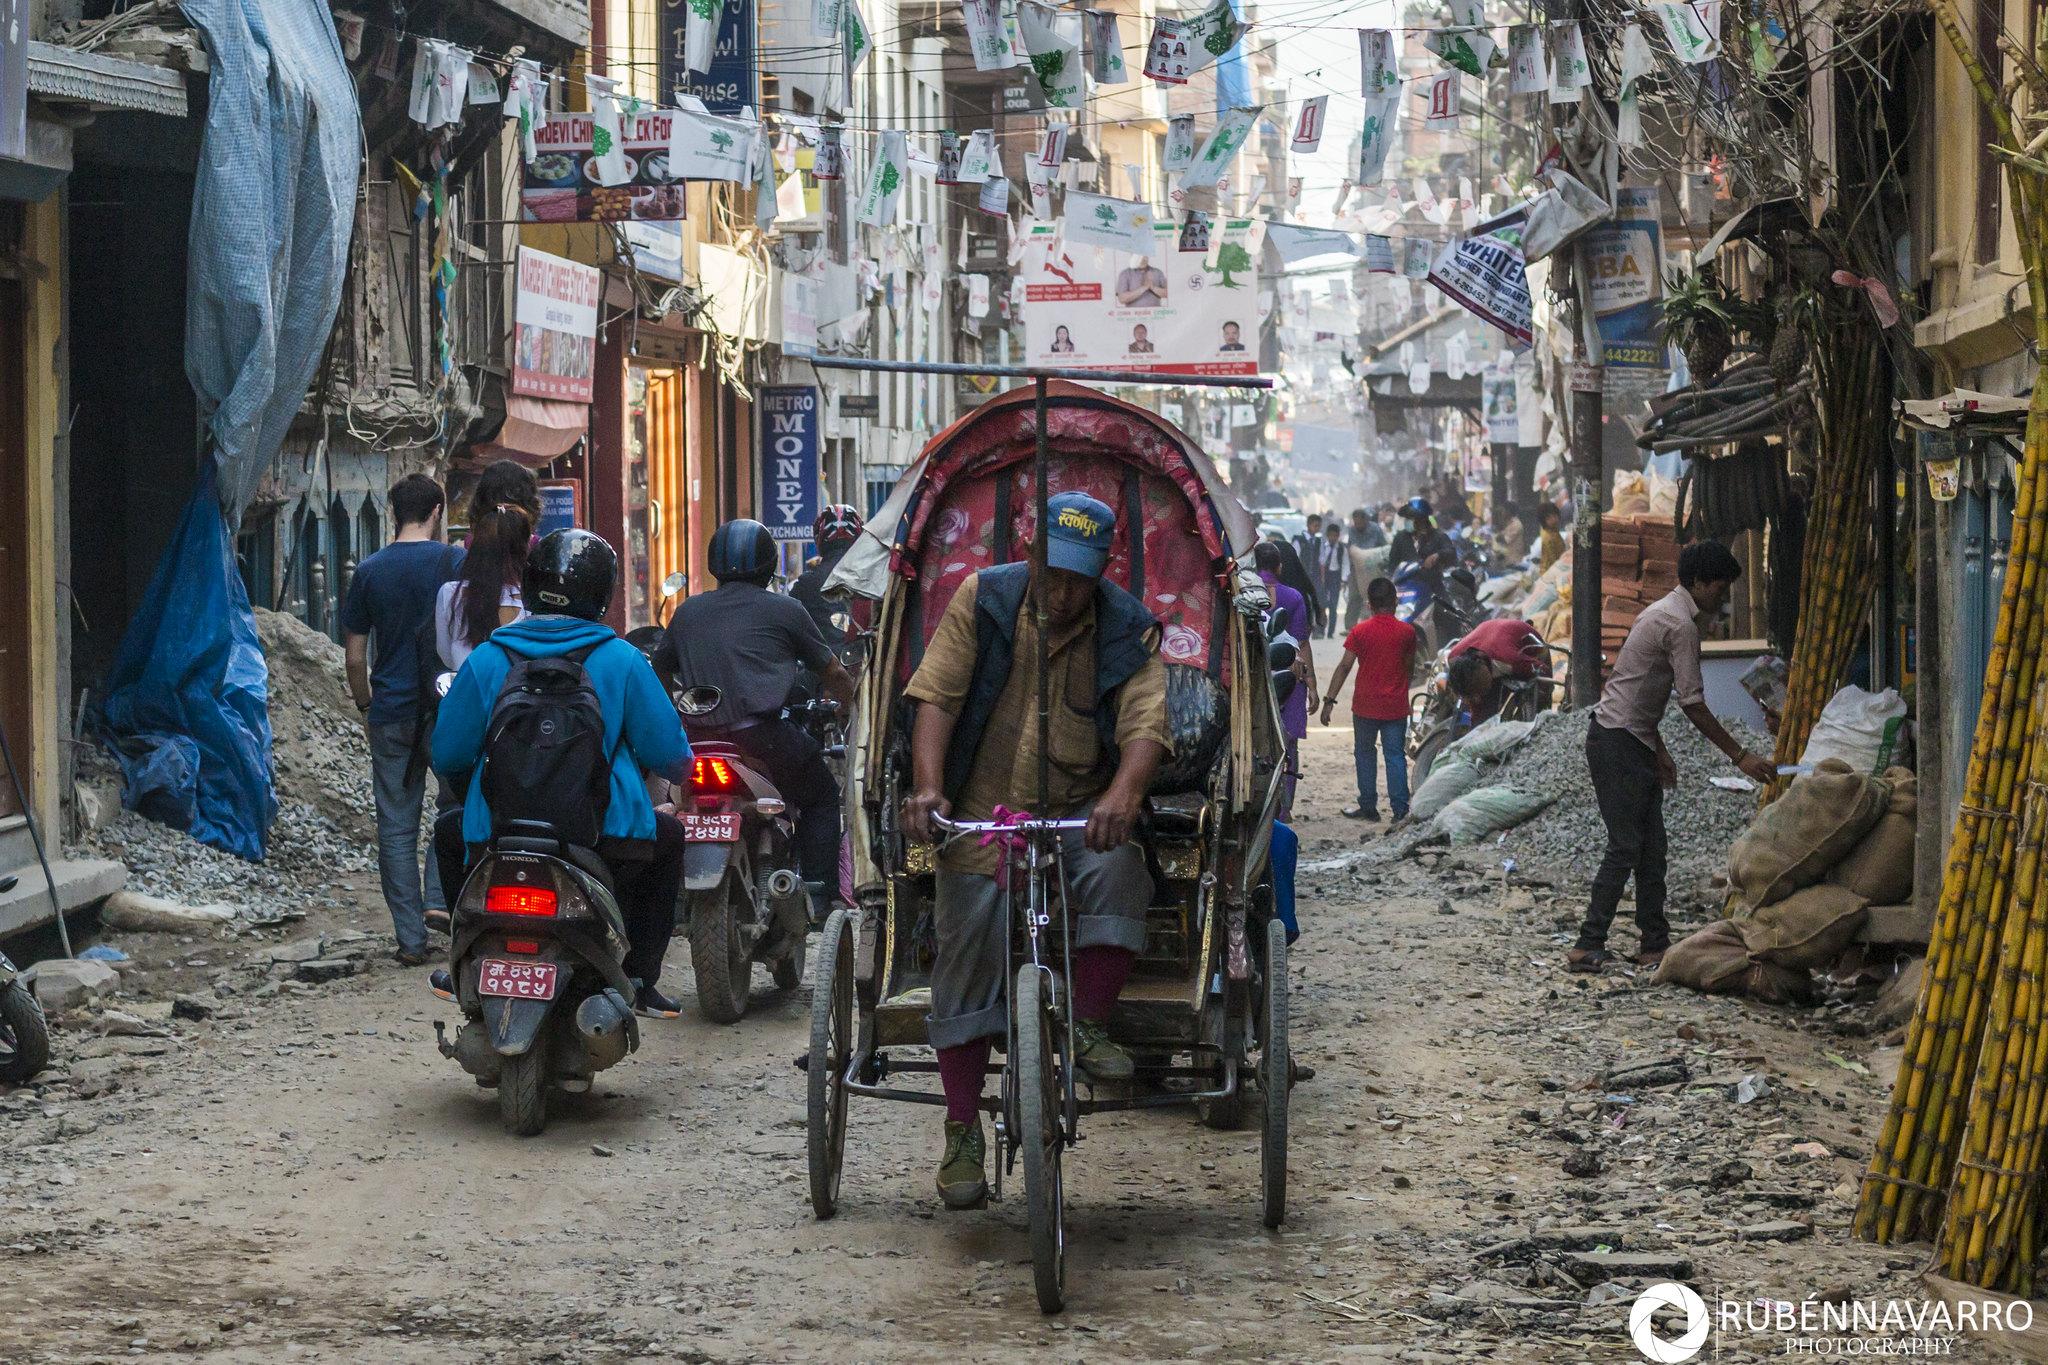 viajando por el mundo - Katmandú